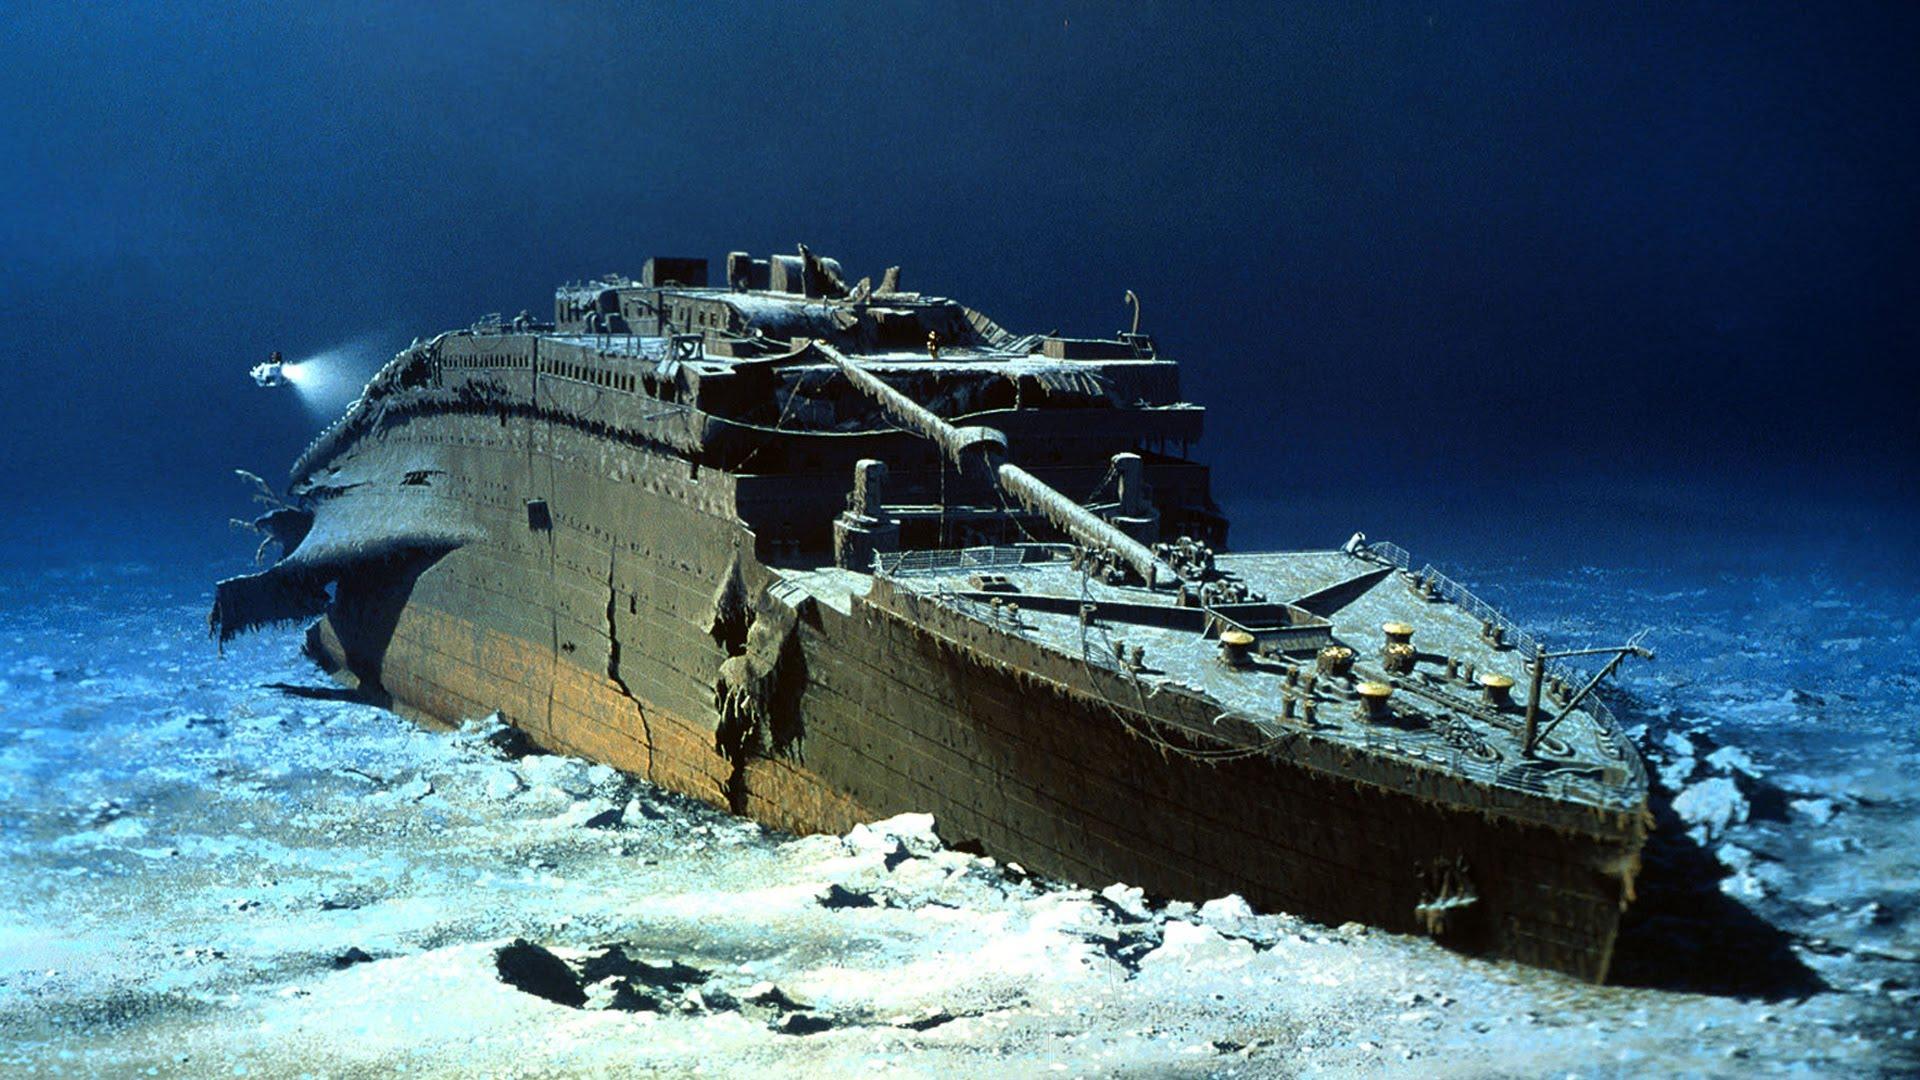 صور لم ولن تشاهدها الا هنا صور لتايتانيك السفينه العجيبه التي غرقت في اول رحلاتها Roncs_1